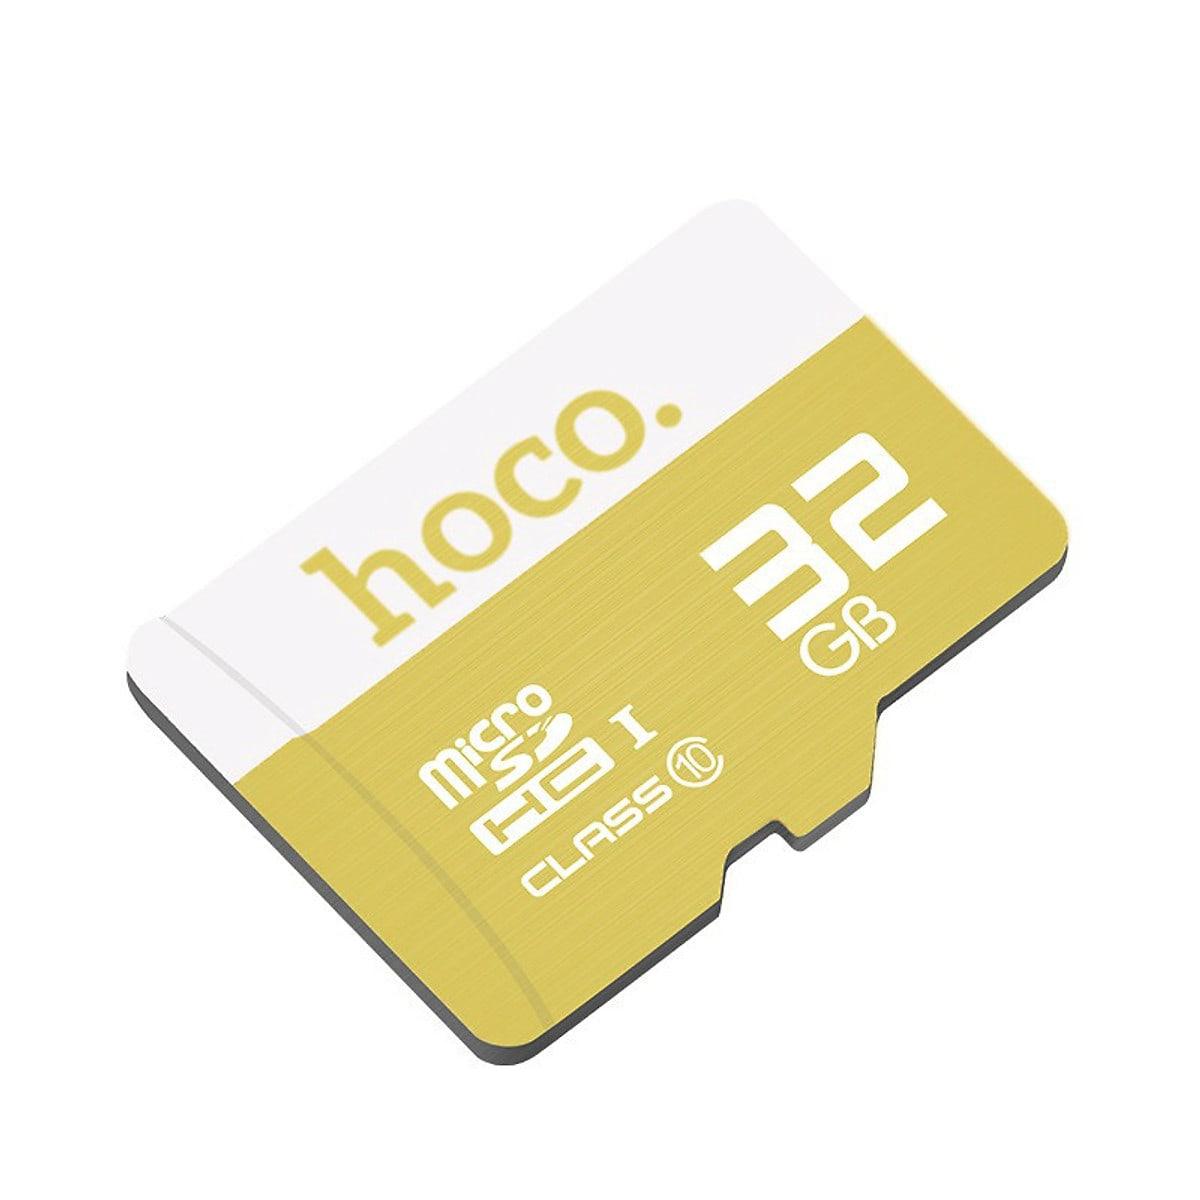 Thẻ Nhớ Micro SD Hoco 32Gb Class 10 - Hàng Chính Hãng - Bảo Hành 1 Đổi 1 5 năm